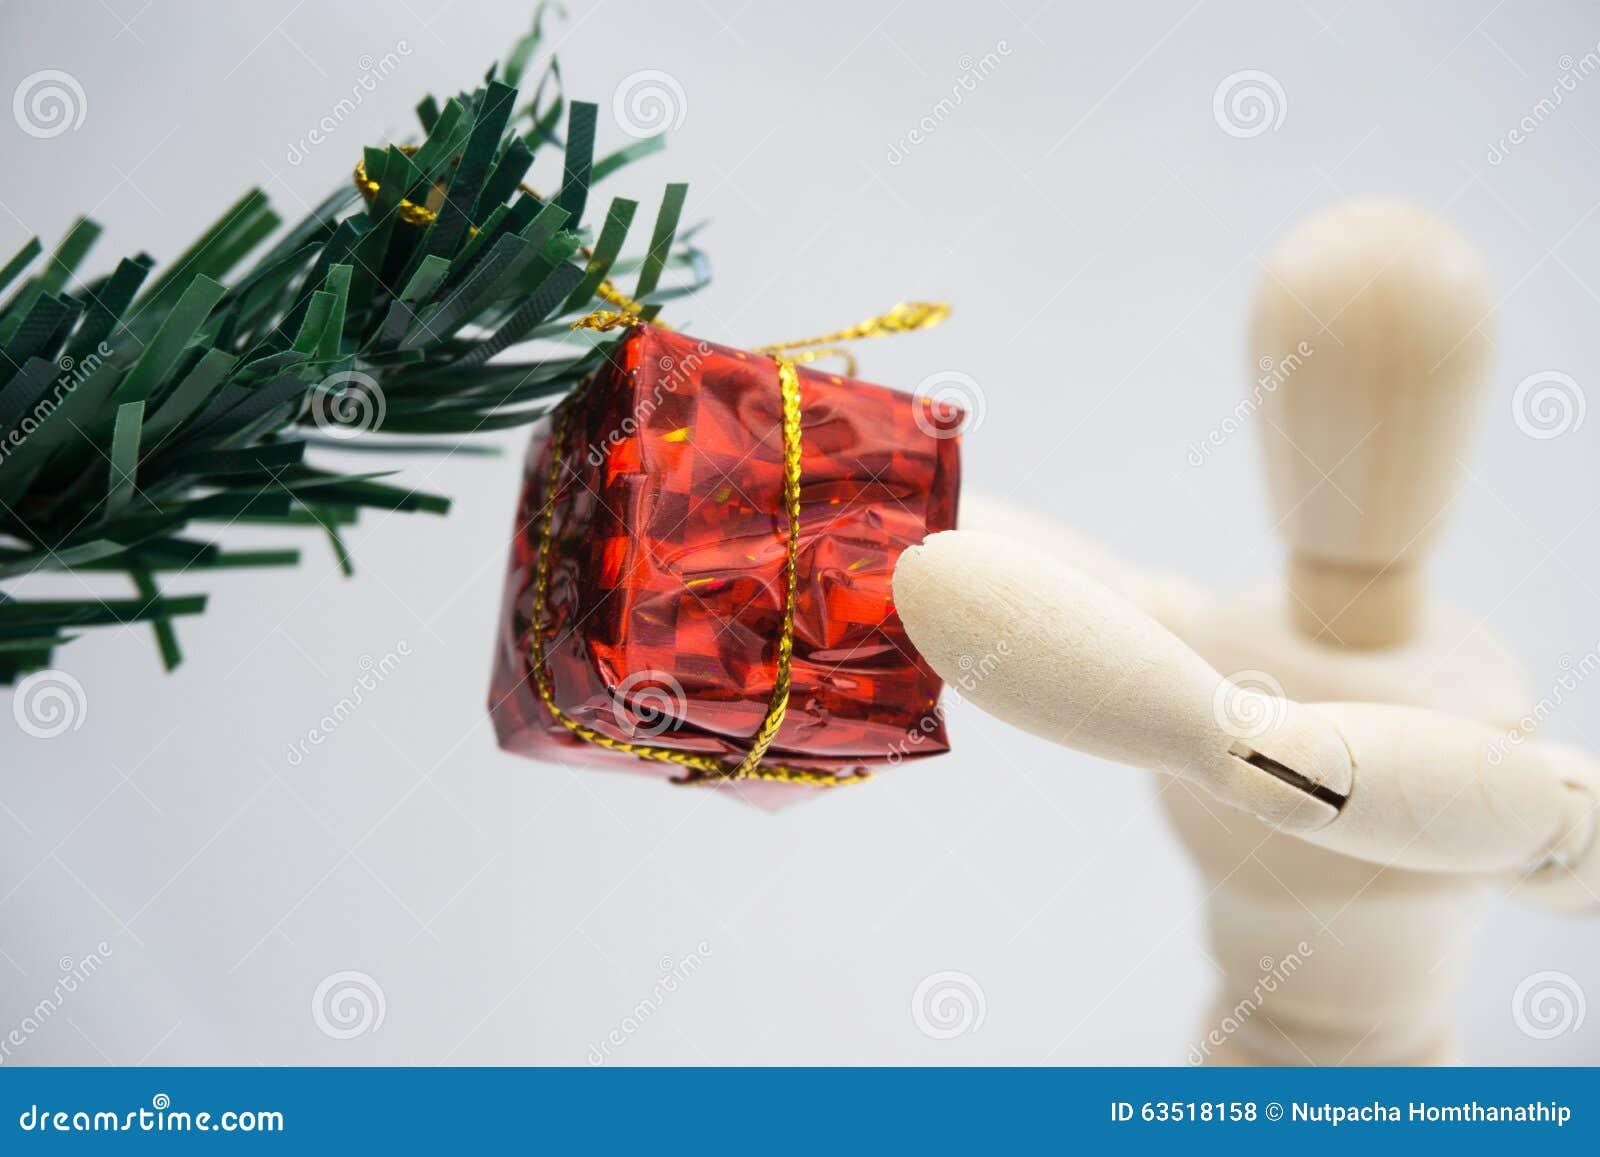 Foto de Stock: Figura de madeira boneca e caixa de presente vermelha  #AA4321 1300x957